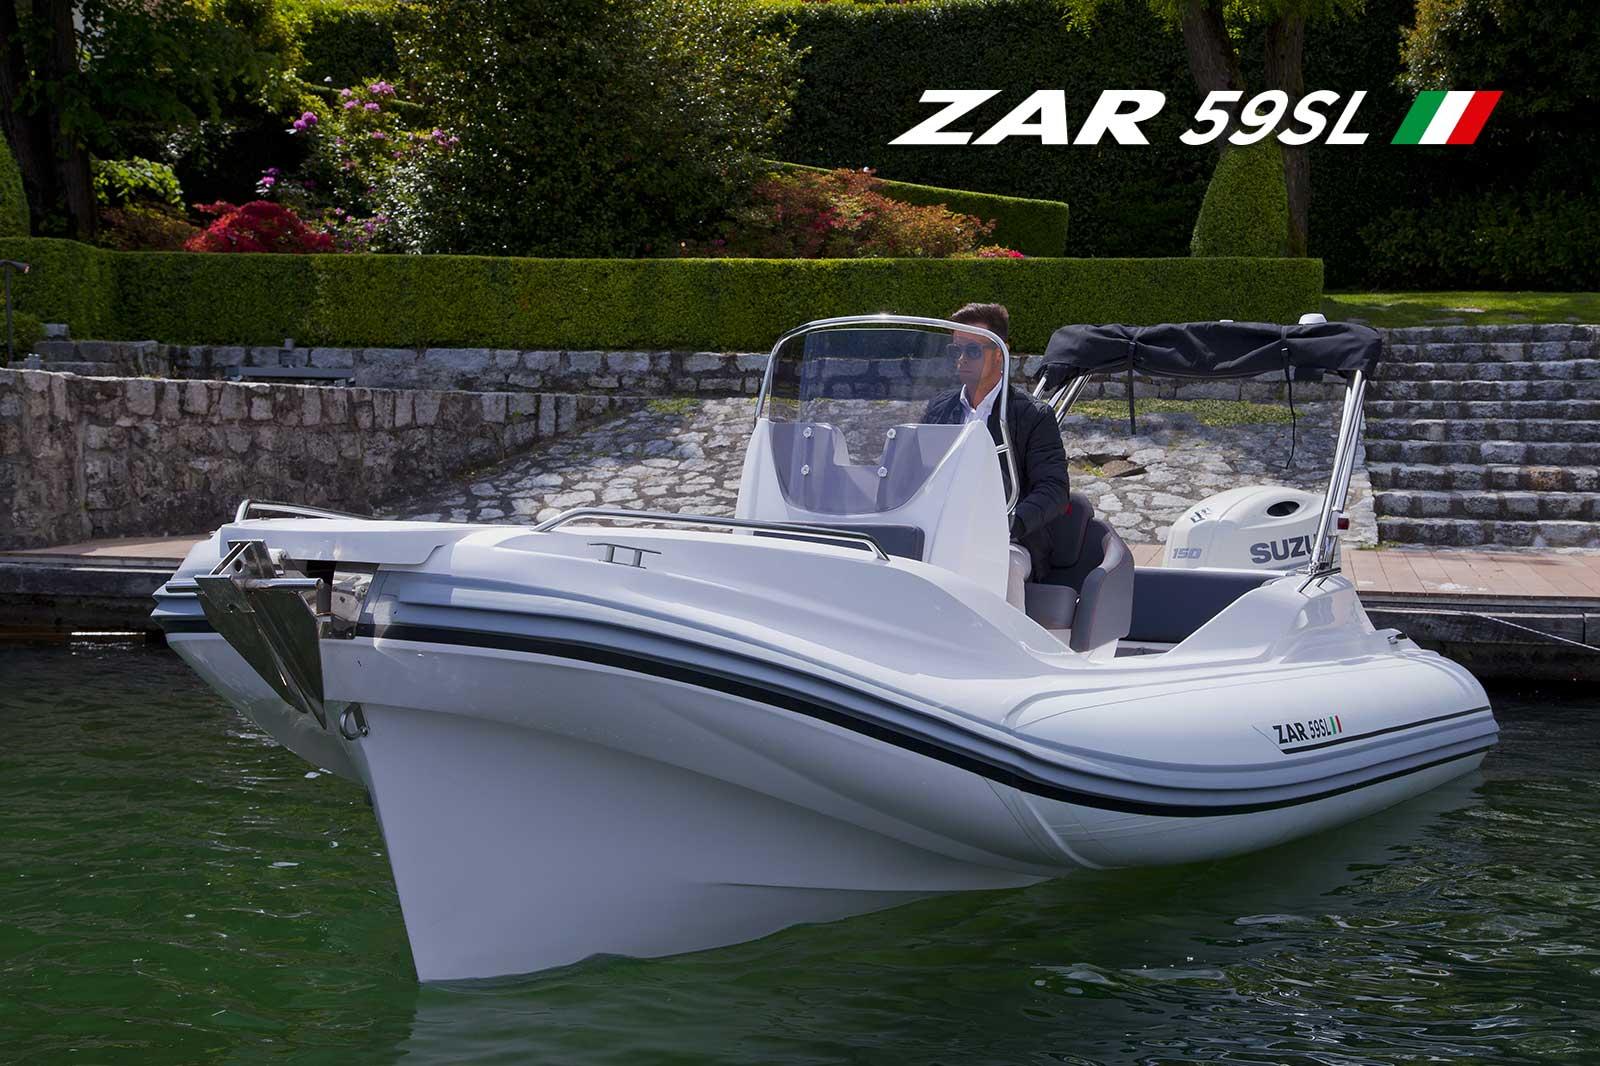 Zar59 1